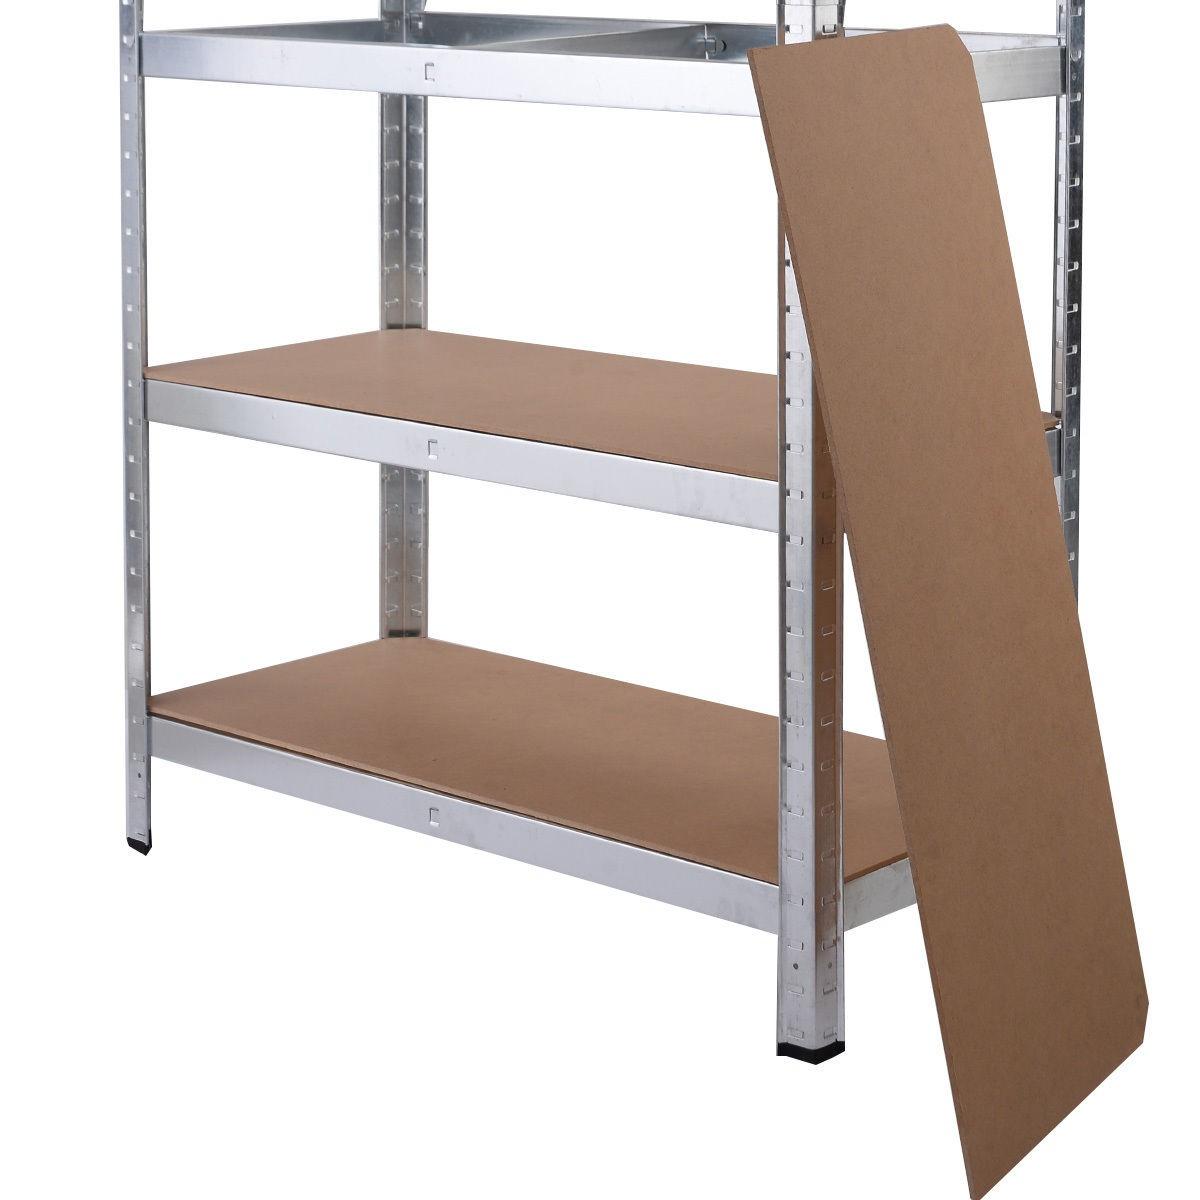 5 Levels Heavy Duty Shelf Garage Steel Metal Storage Rack